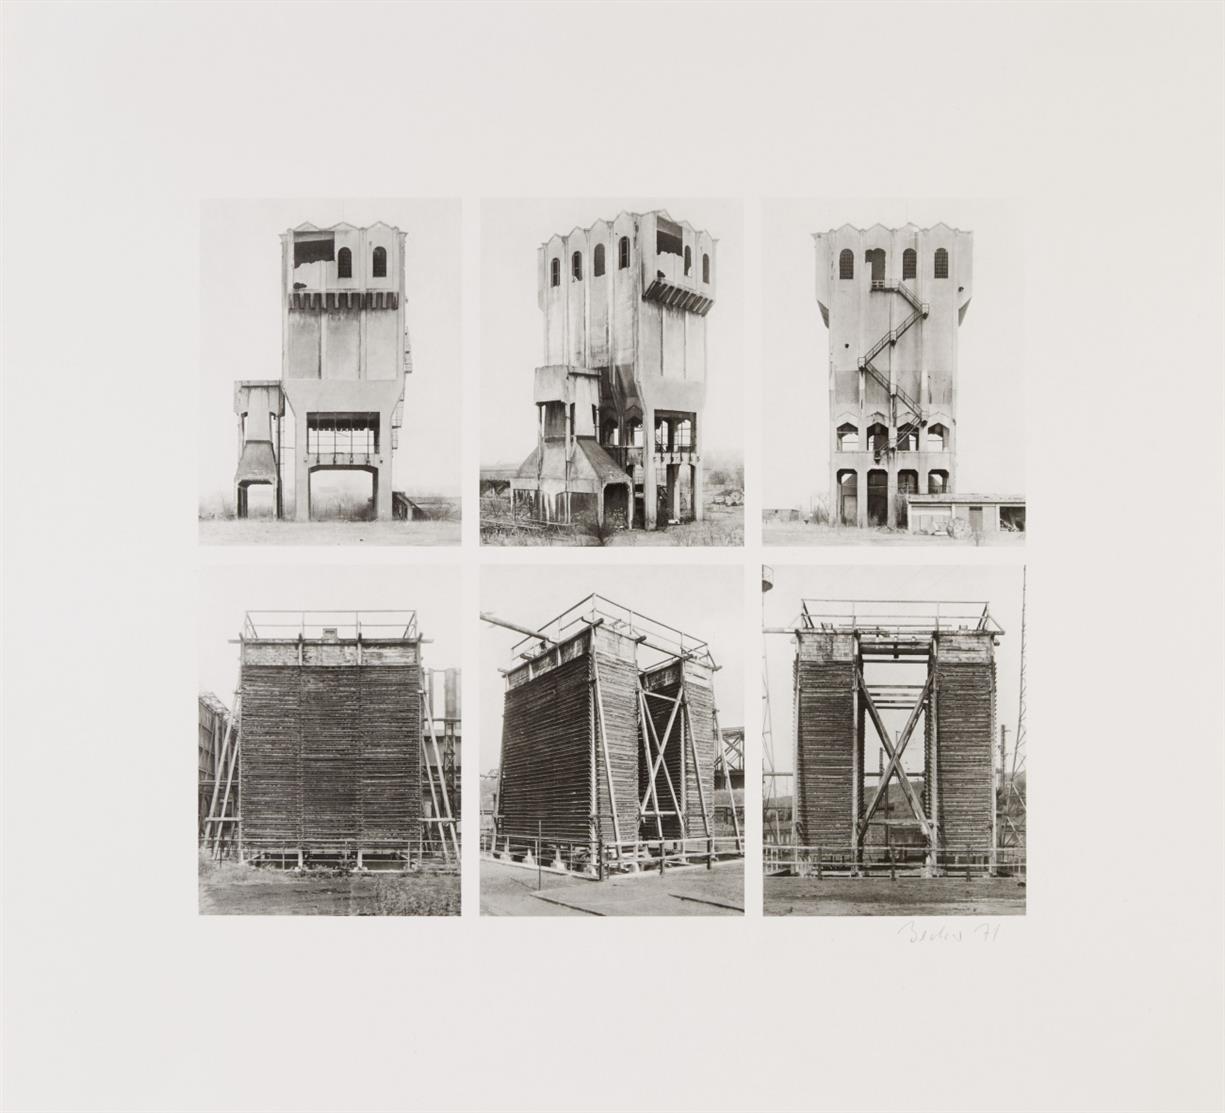 Bernd u. Hilla Becher. Silo und Kühlturm / Strommasten und Hochöfen / Fördertürme. 1971. 3 Lichtdrucke. Je signiert.